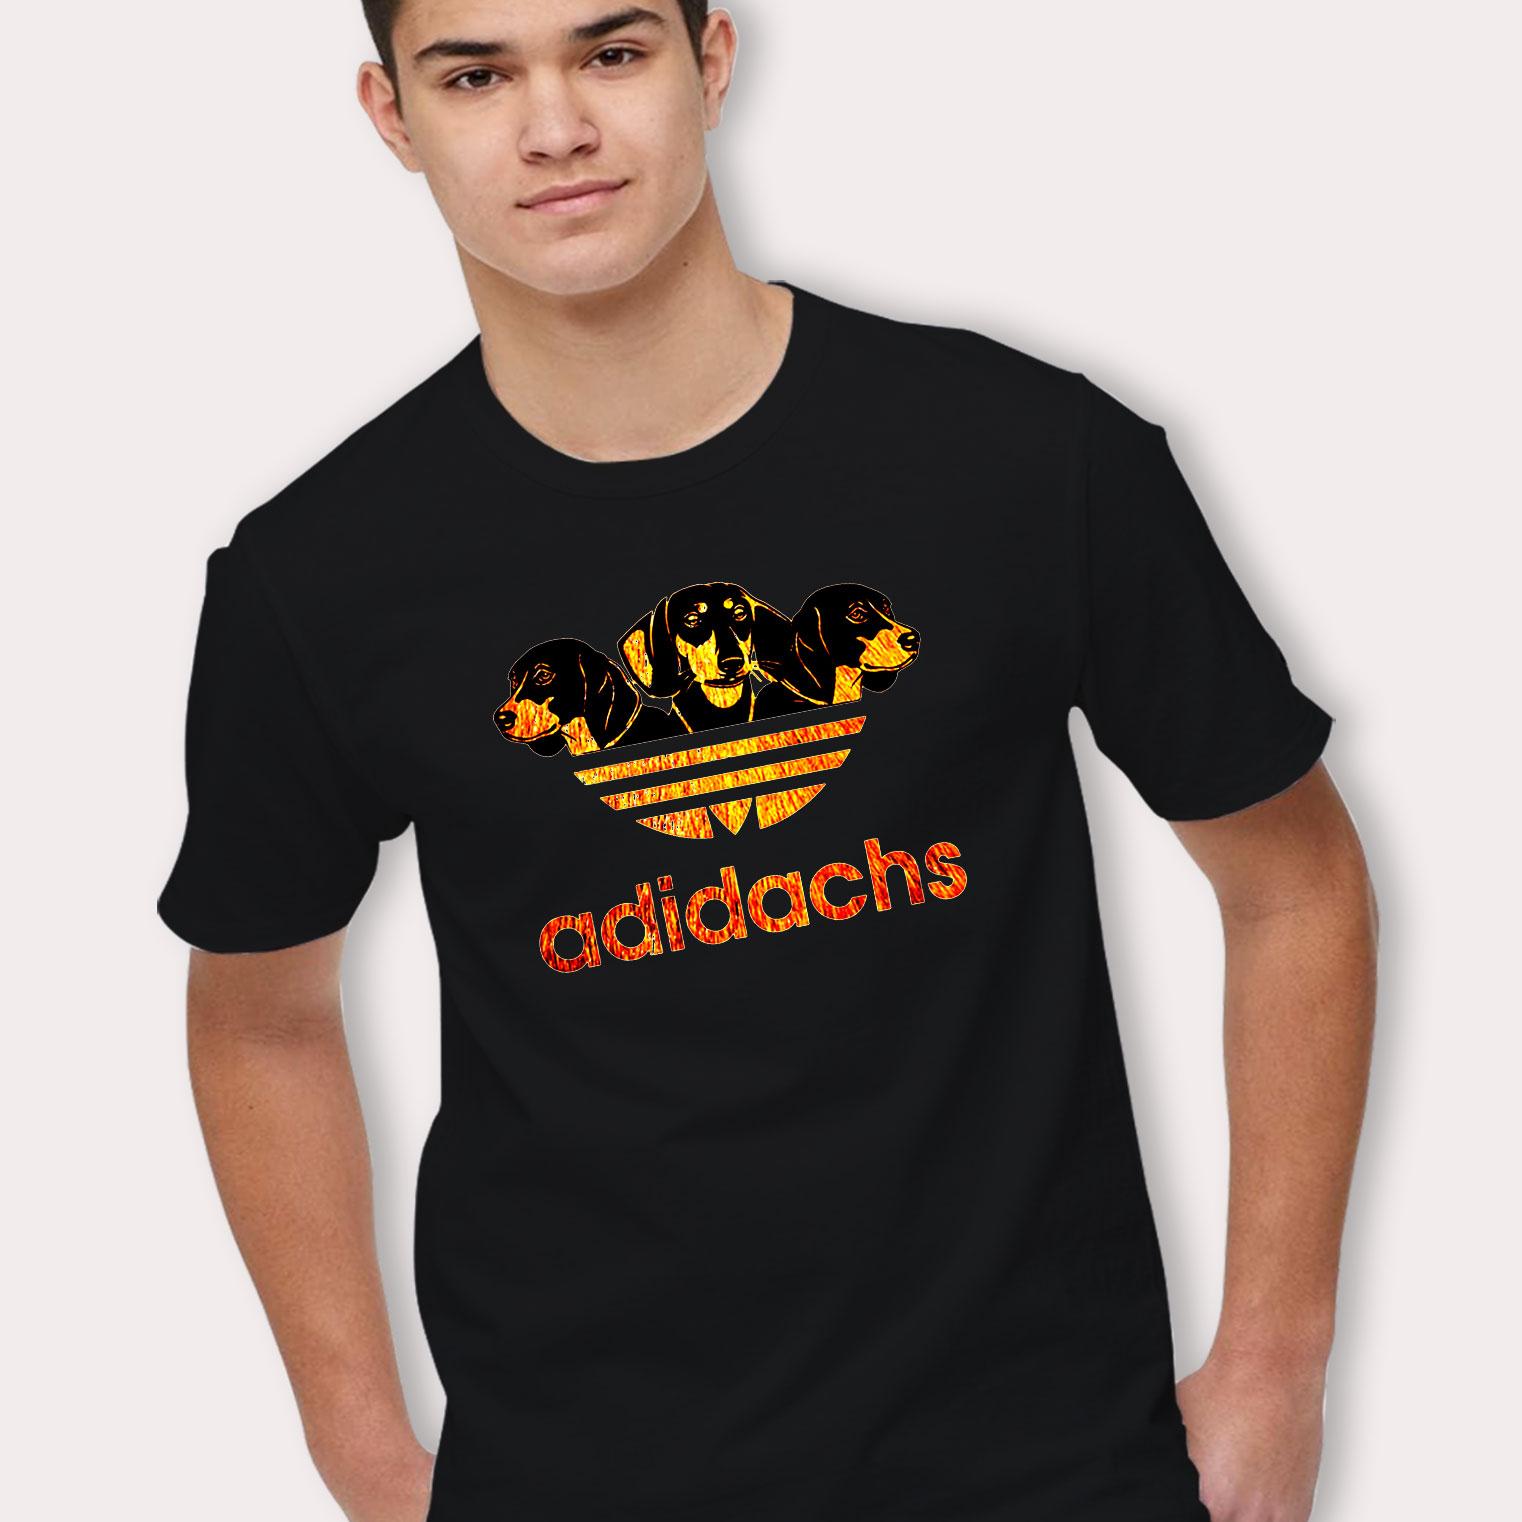 gran descuento la mejor calidad para conseguir baratas Cute Adidachs Adidas Dog Parody T Shirt - Hotvero